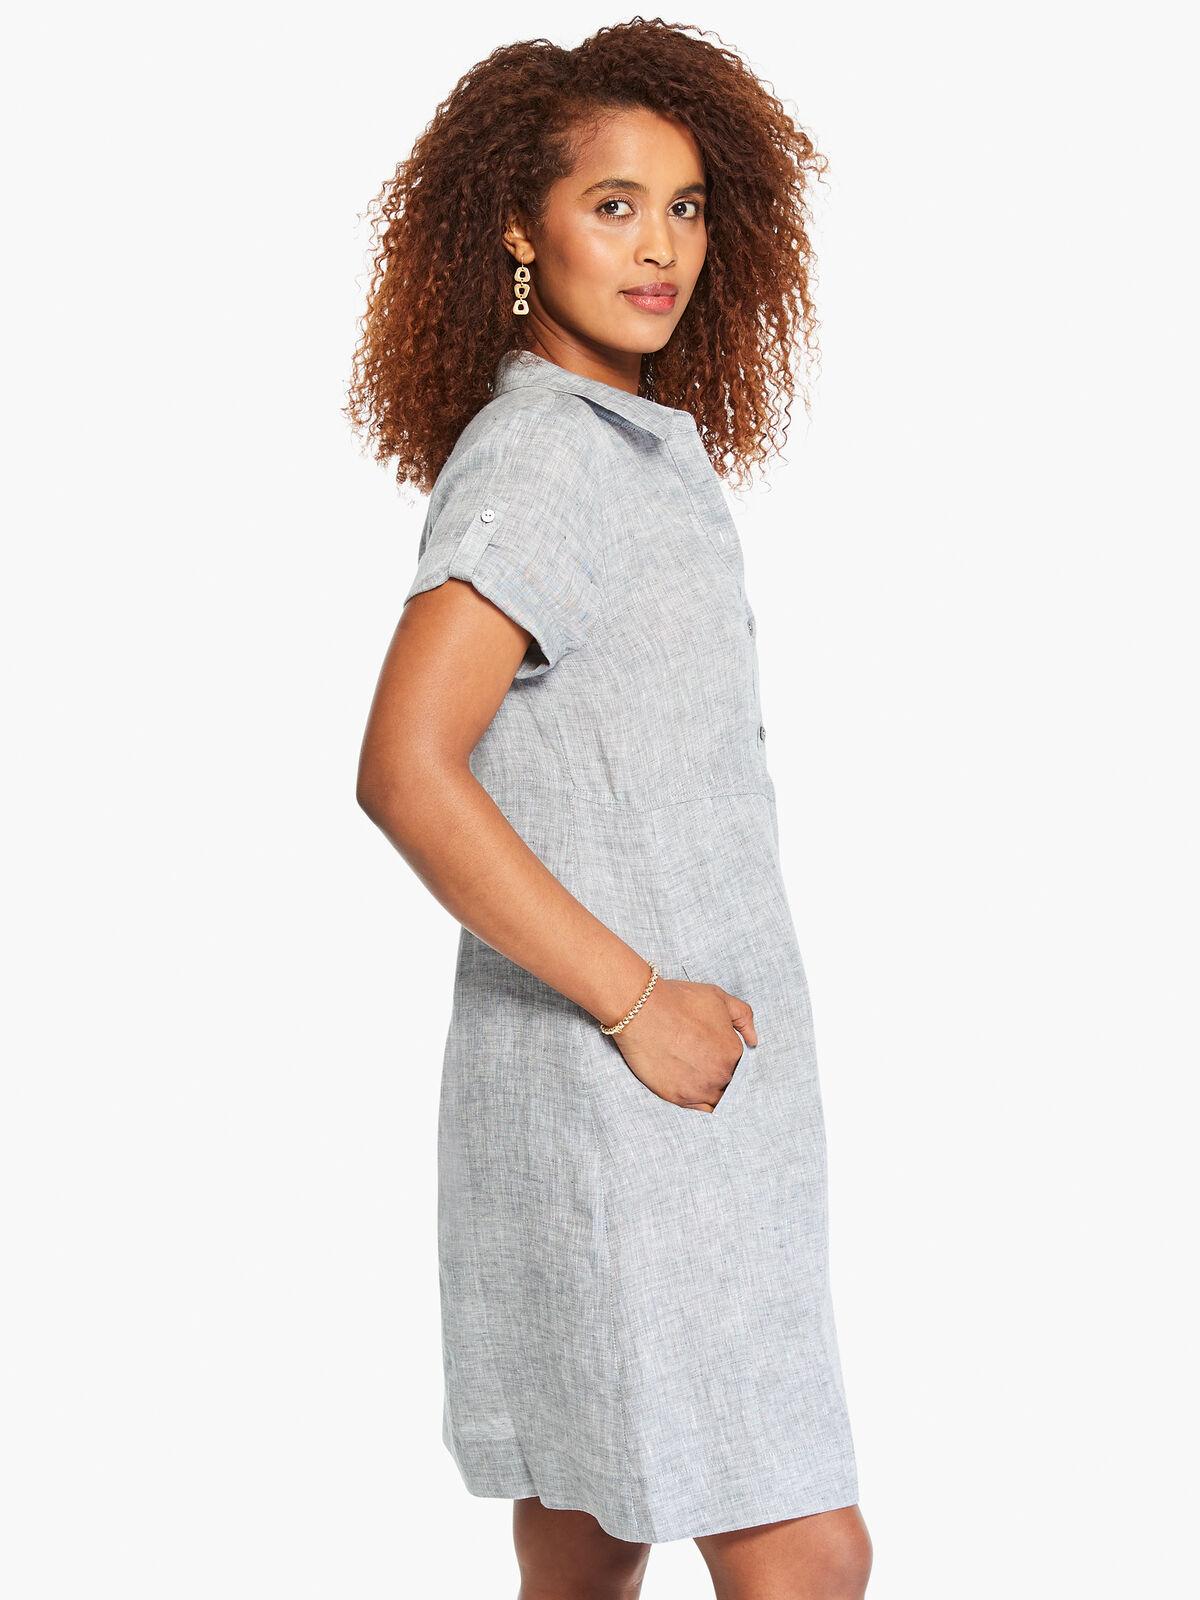 Drifty Linen Shirt Dress